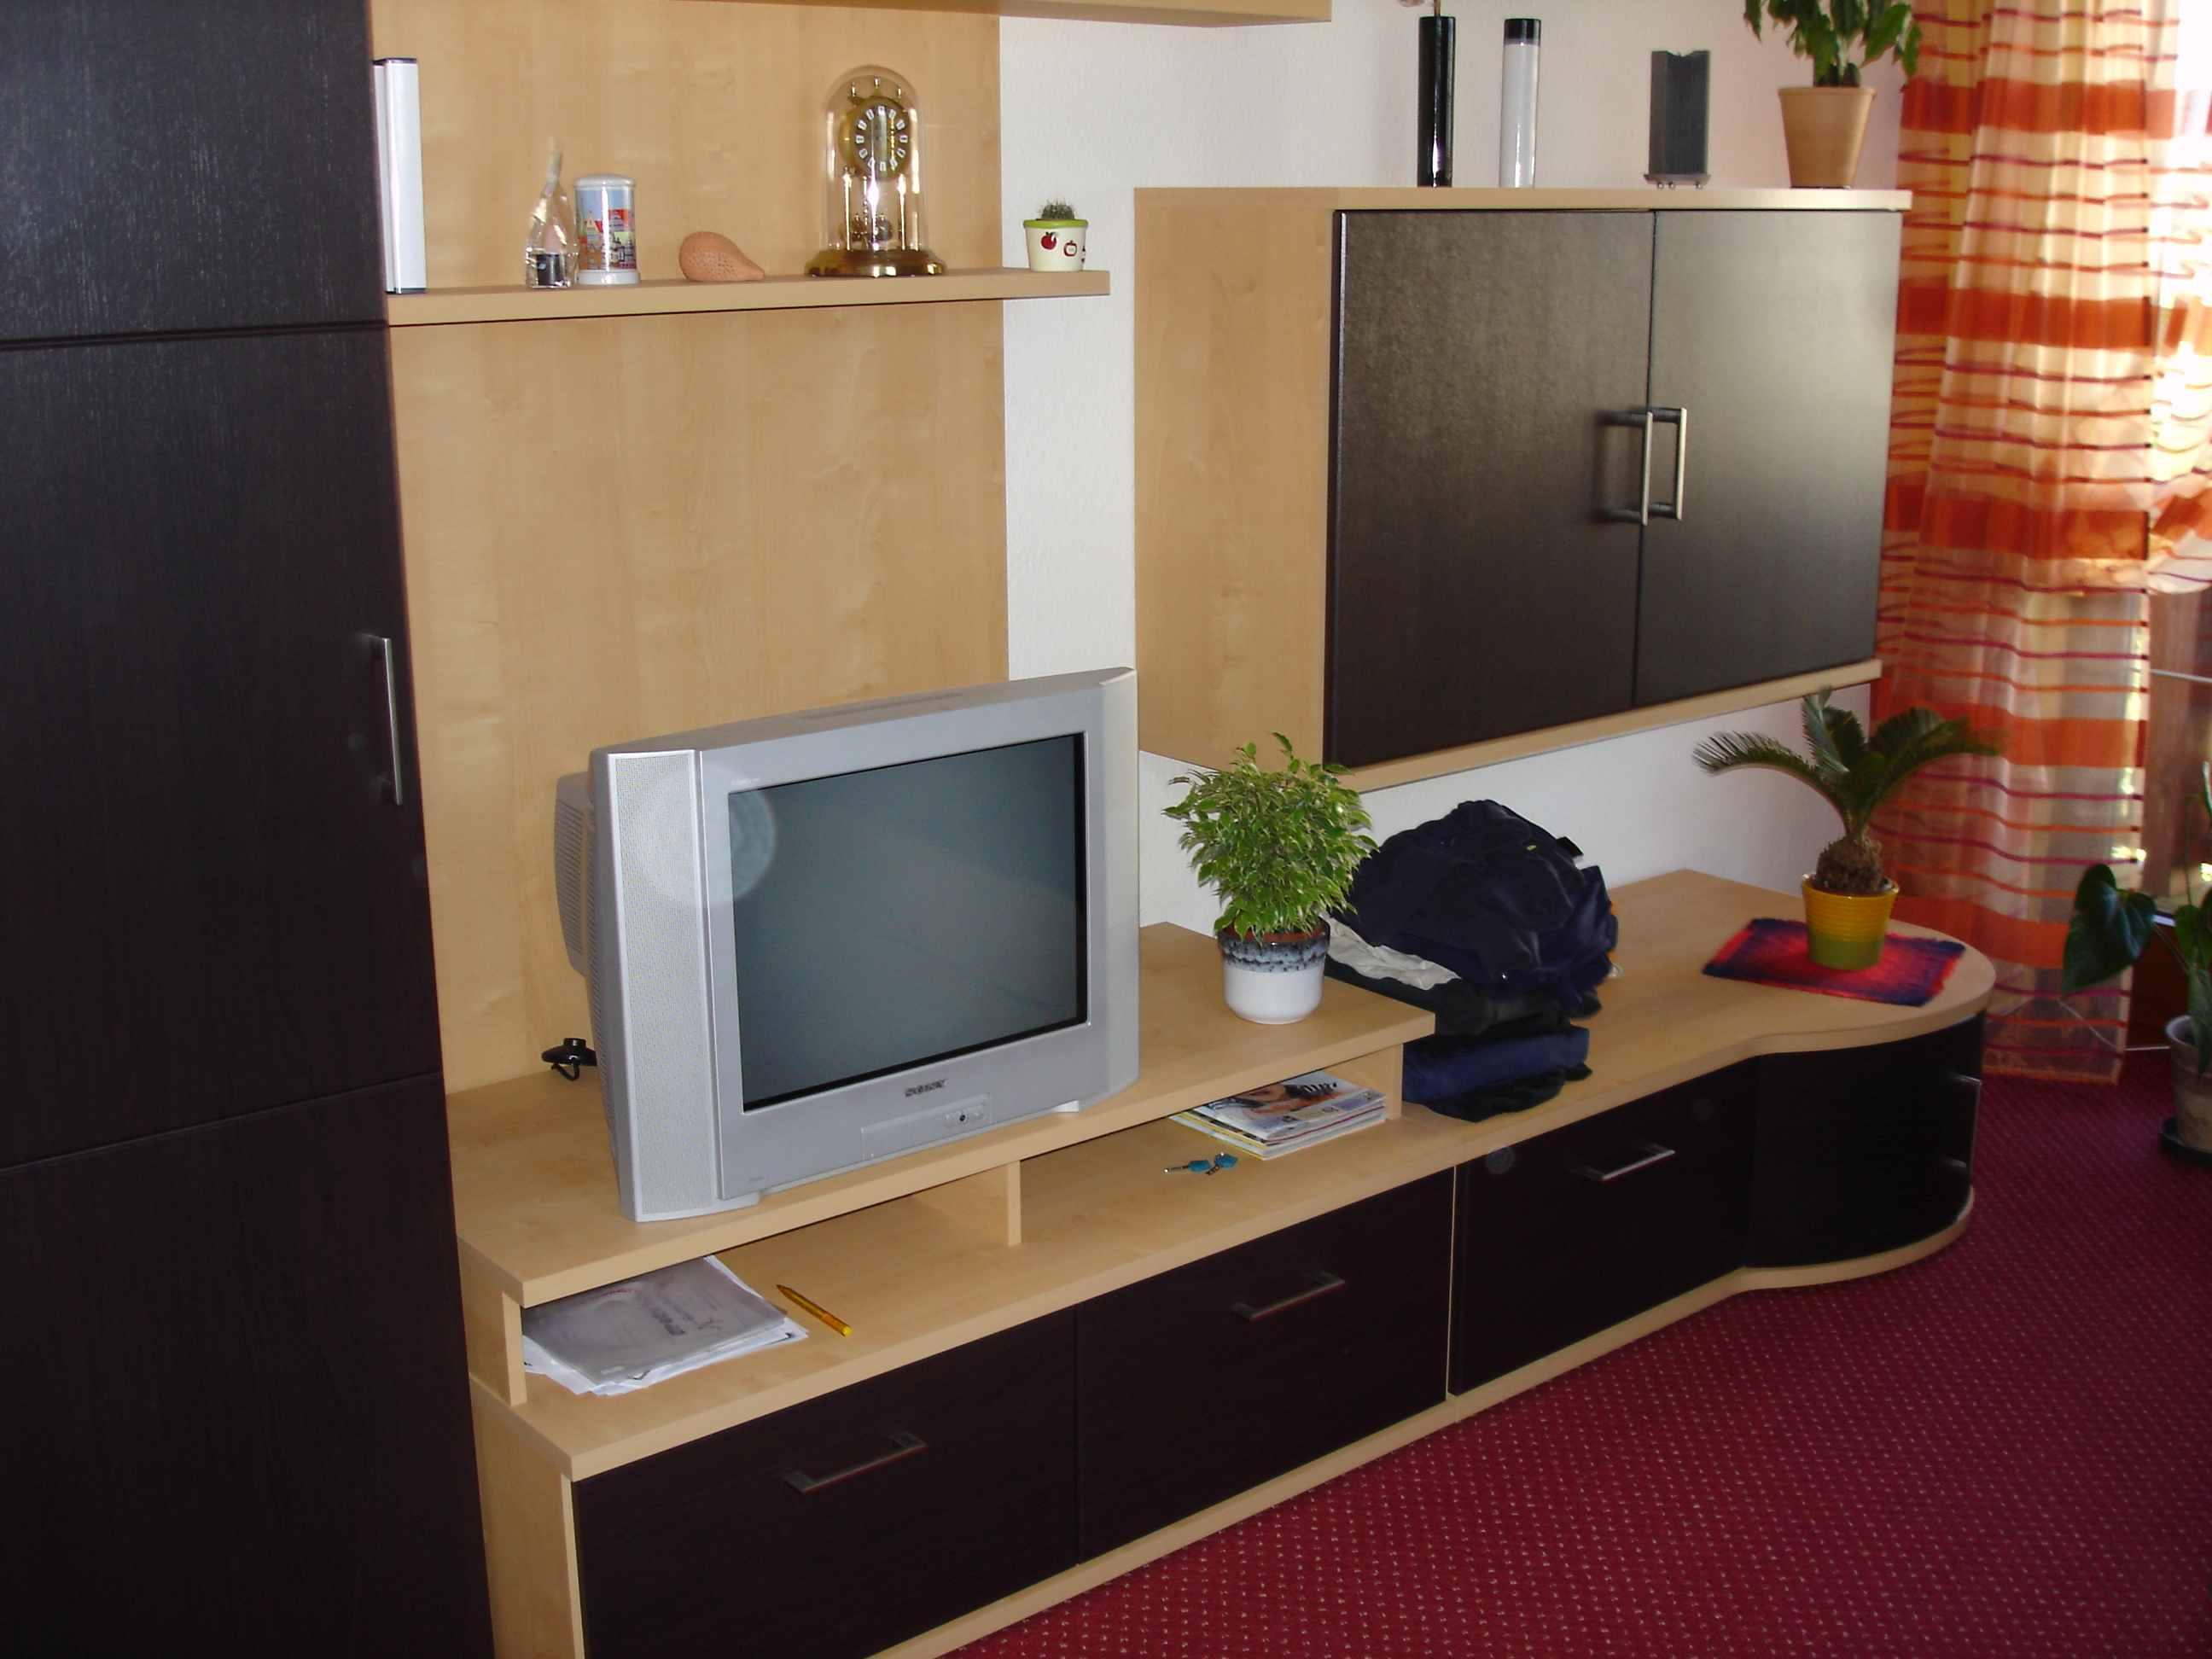 welche wand und teppichfarbe passen gut zu meinen braunen m beln siehe bilder teppich. Black Bedroom Furniture Sets. Home Design Ideas